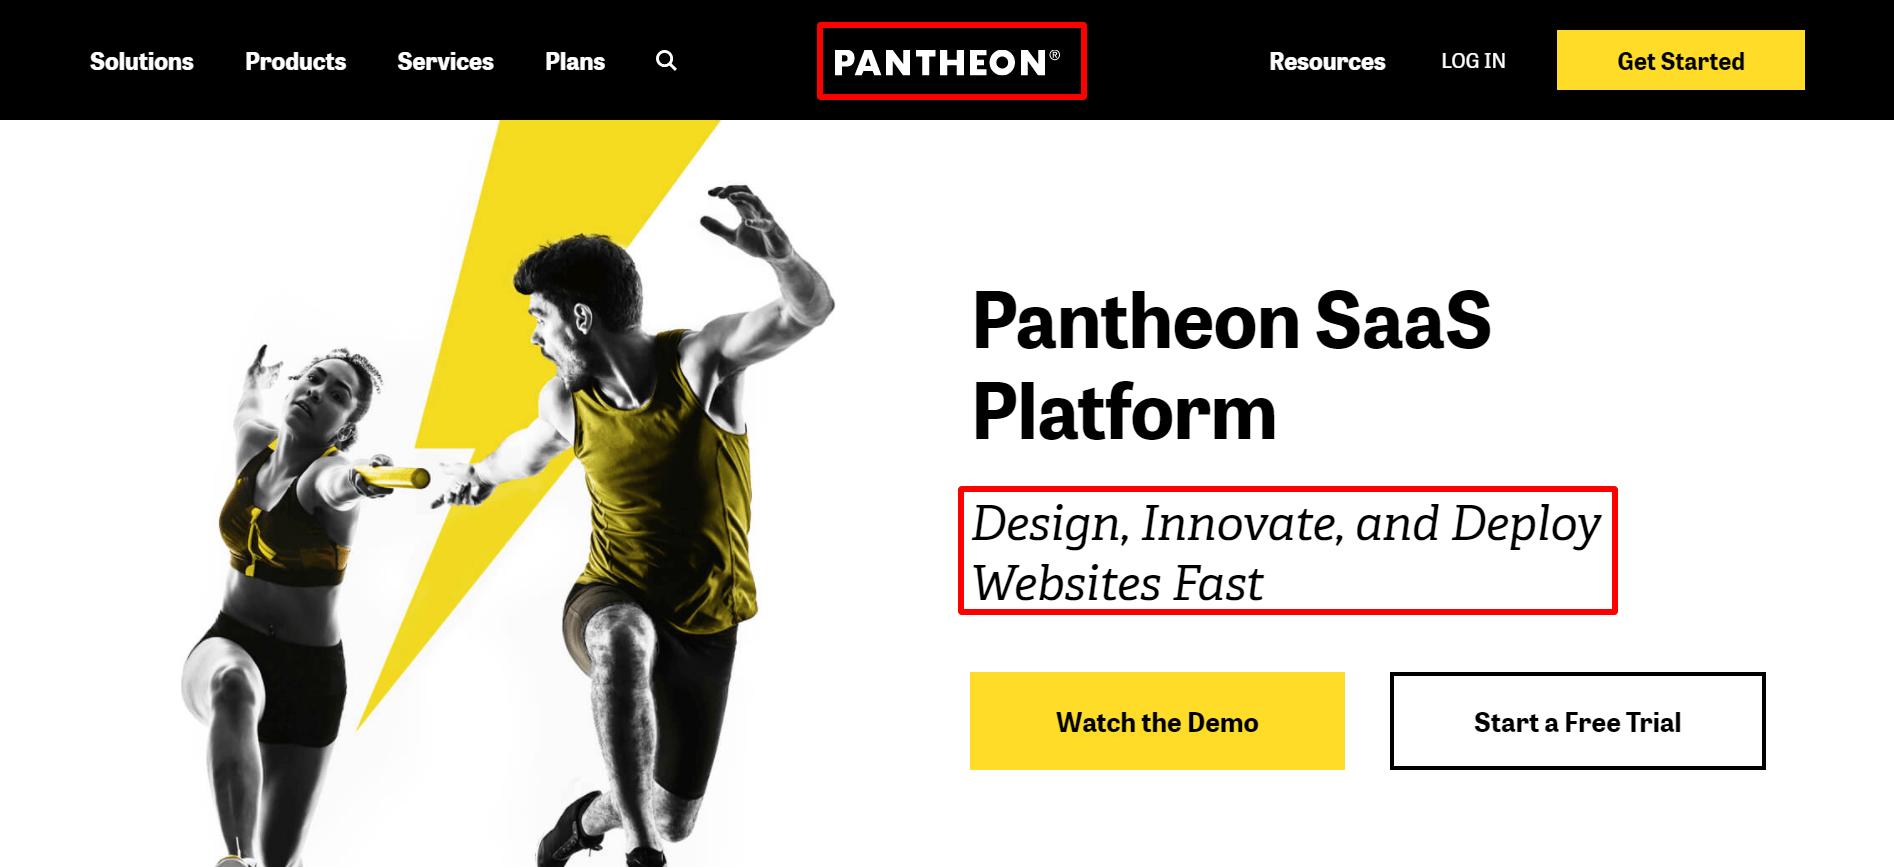 WebOps-Platform-for-Building-High-Impact-Websites-Pantheon